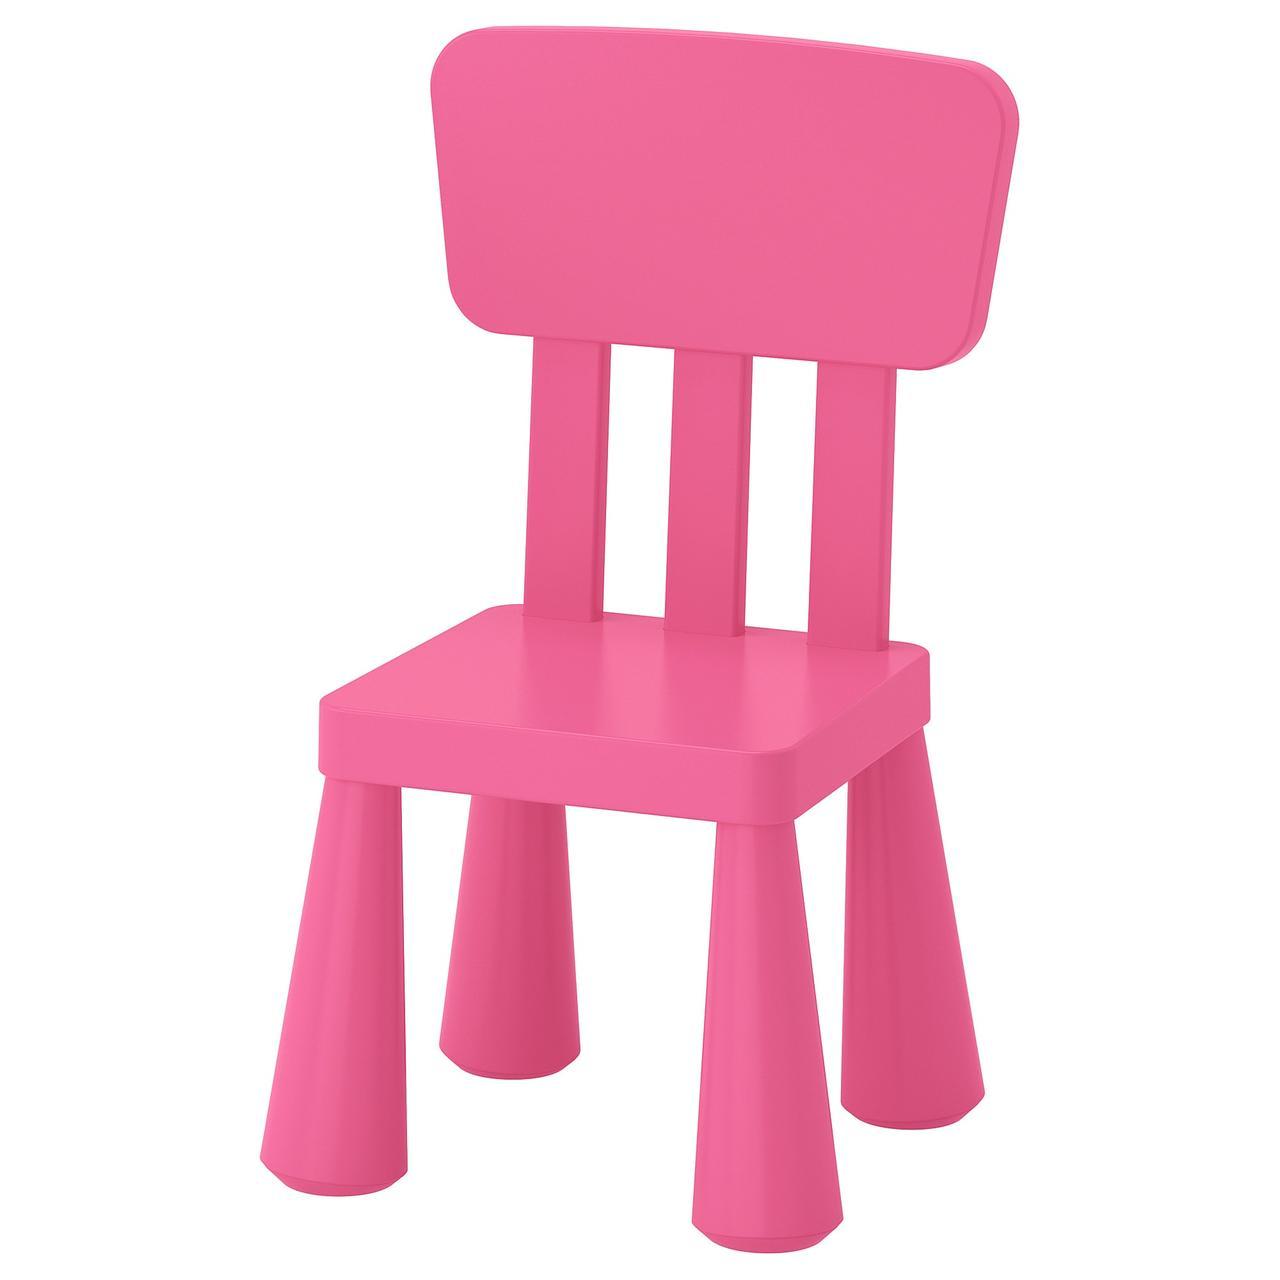 МАММУТ Детский стул, д/дома/улицы, розовый